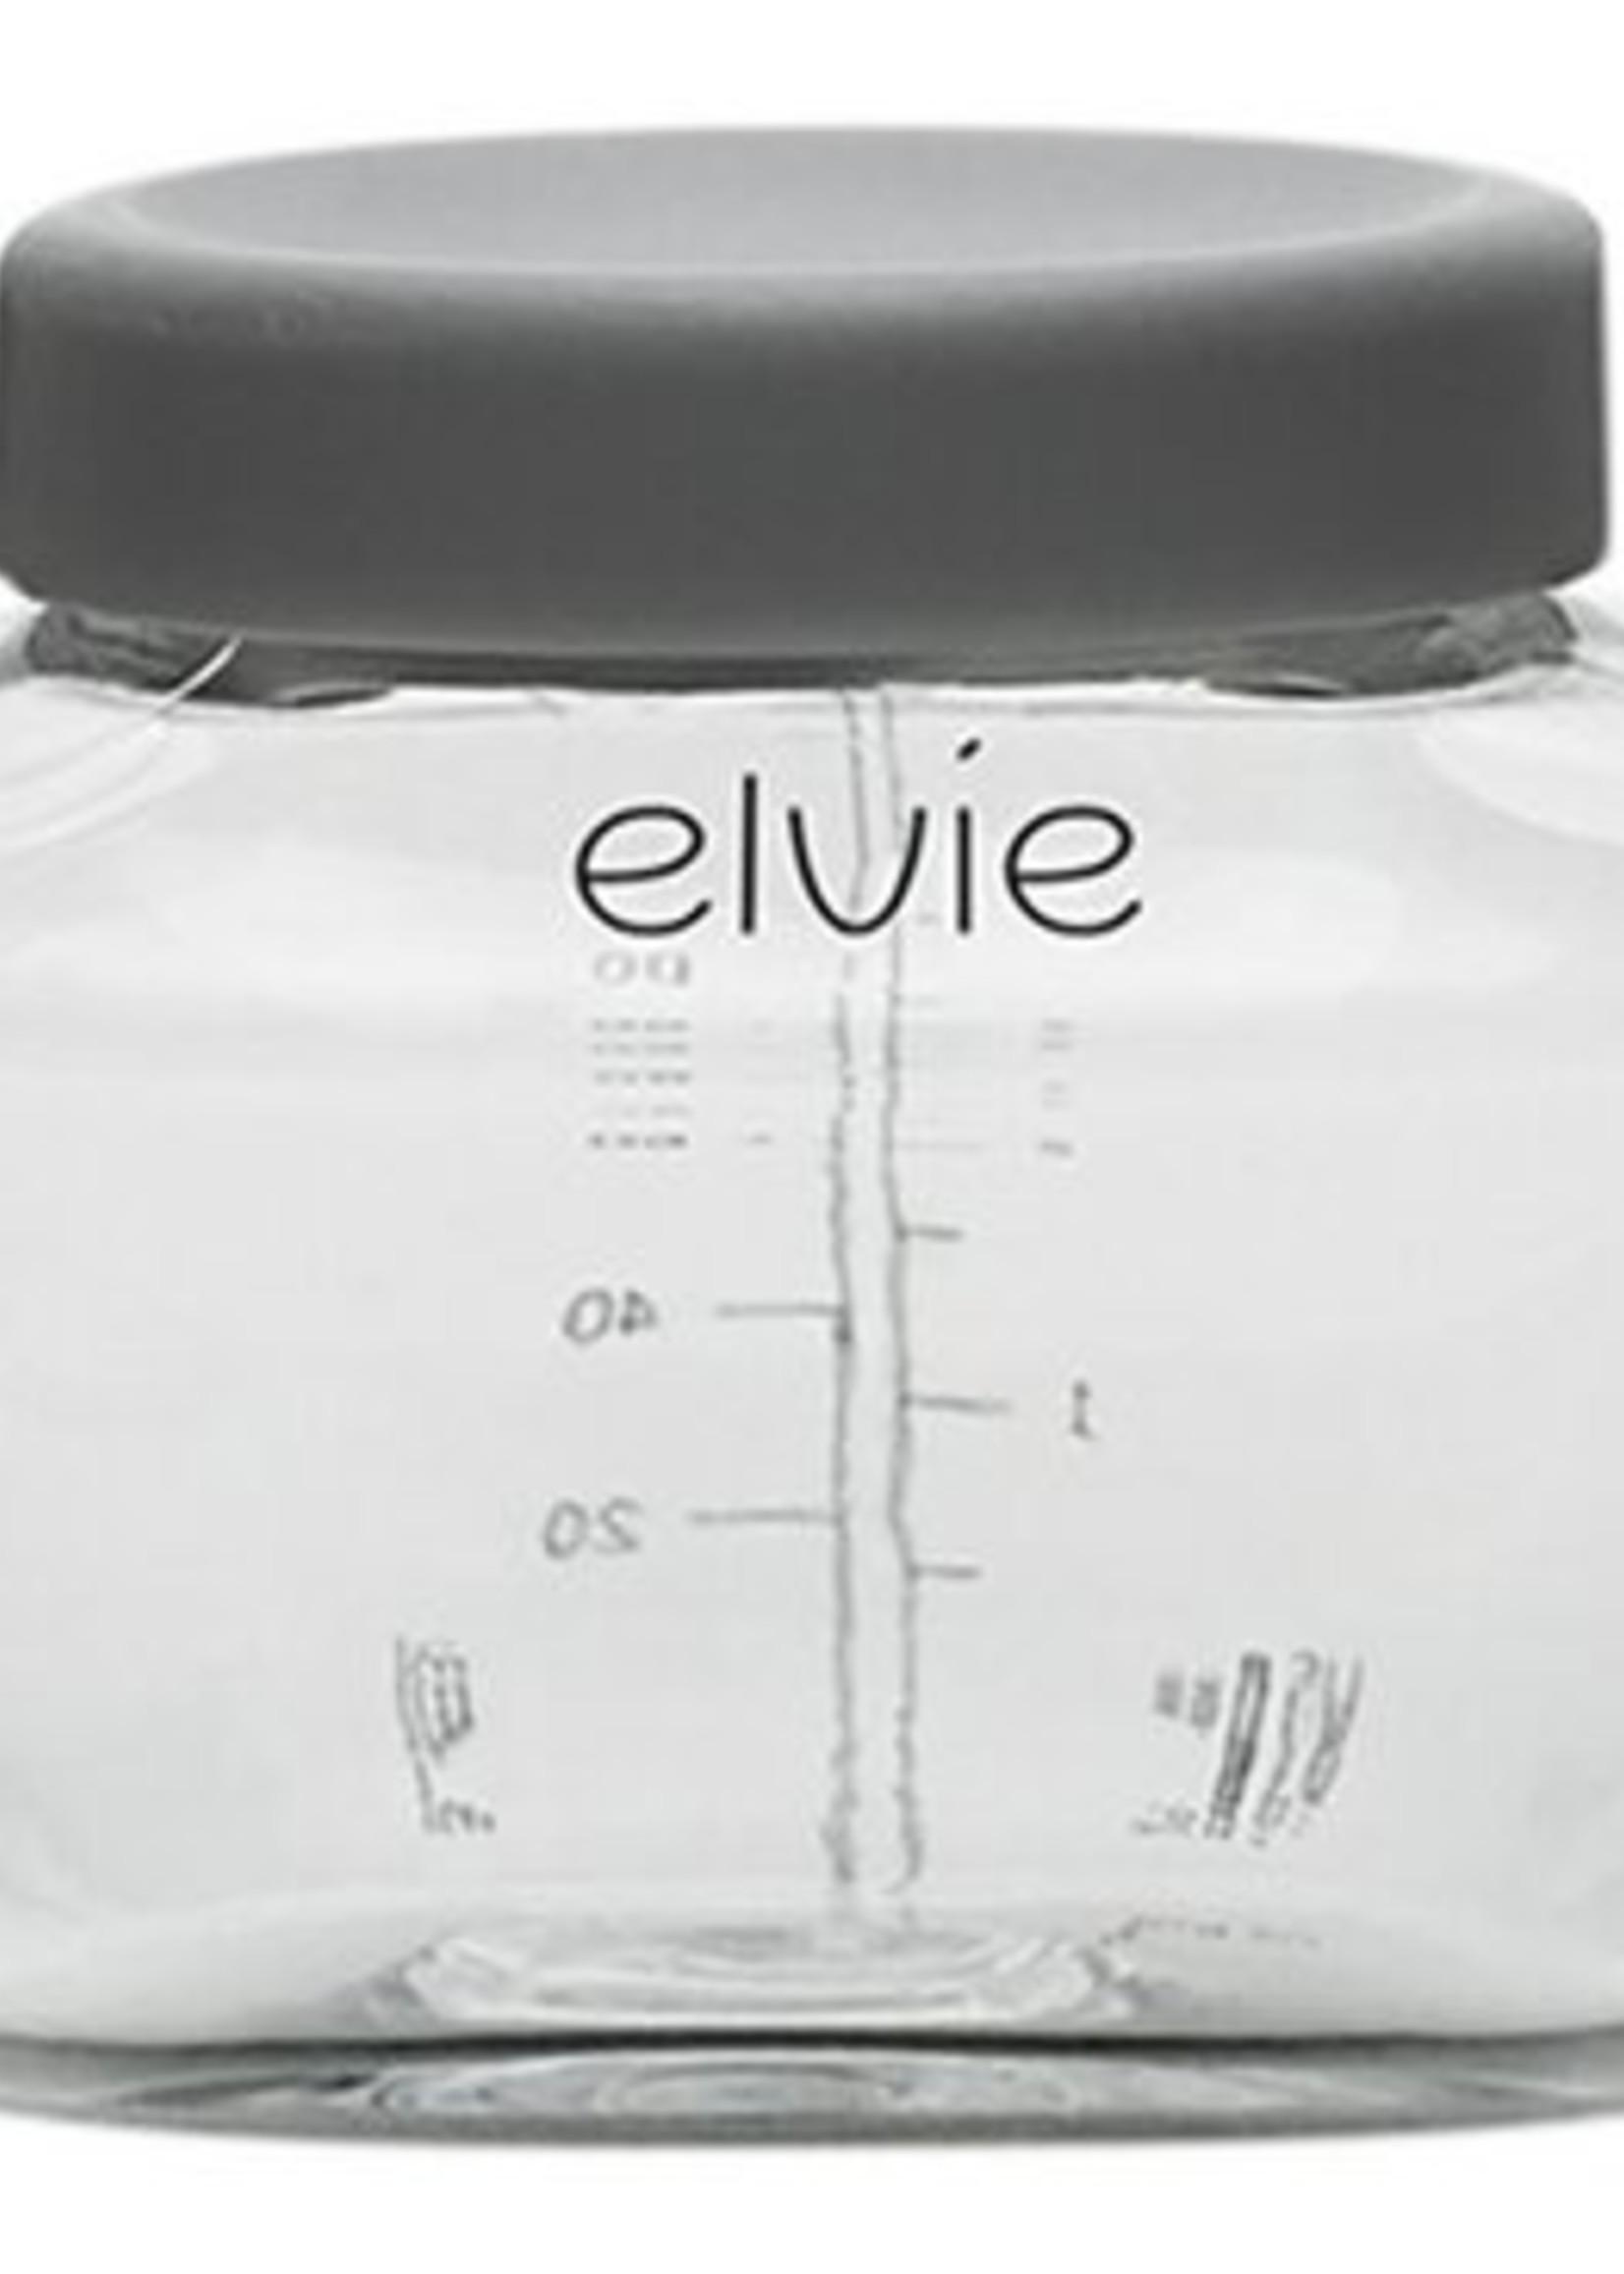 Elvie Bottles 150 ml - 3 pack